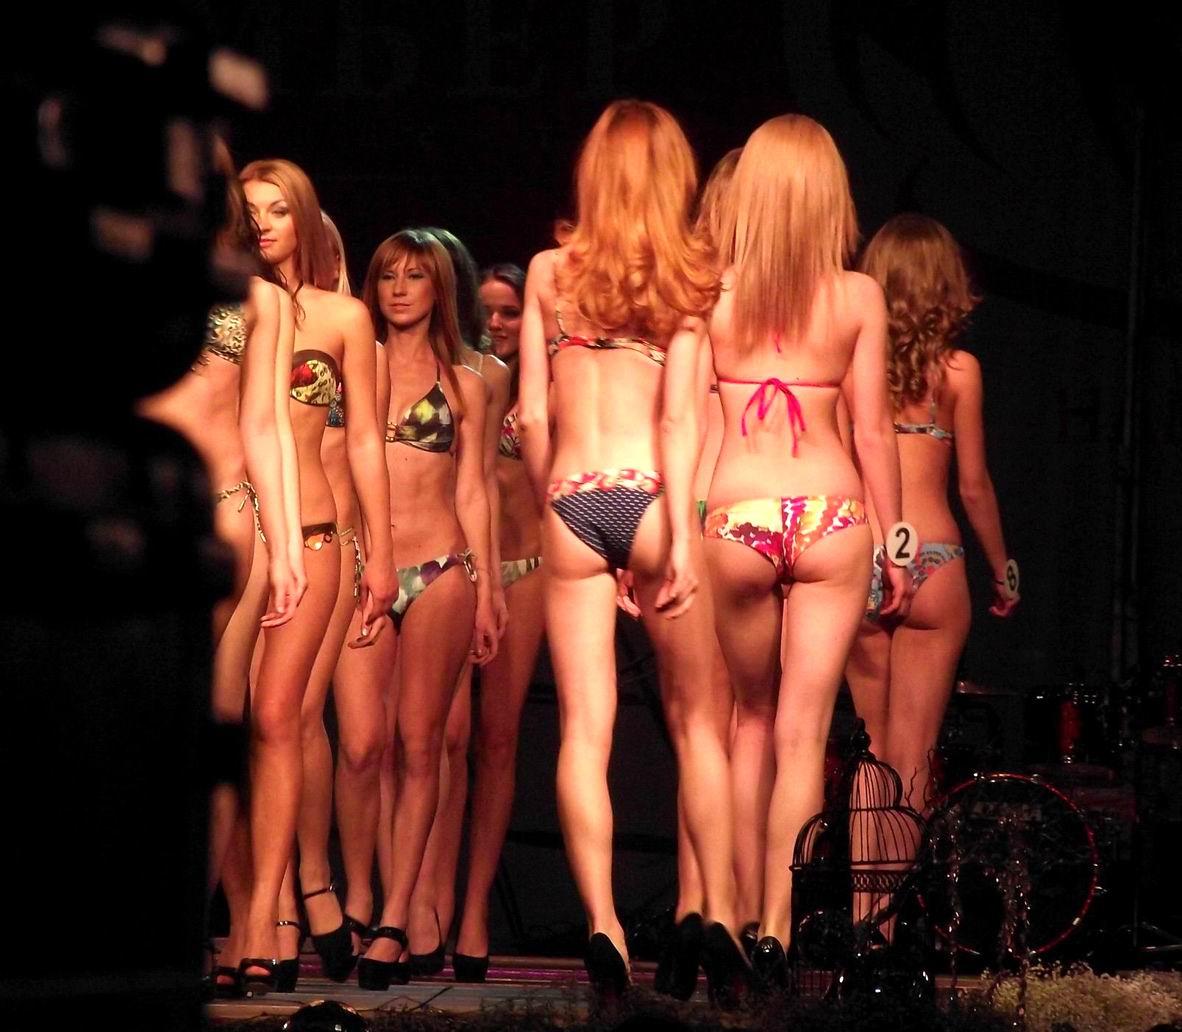 Фотки девушек снимающих купальники 12 фотография